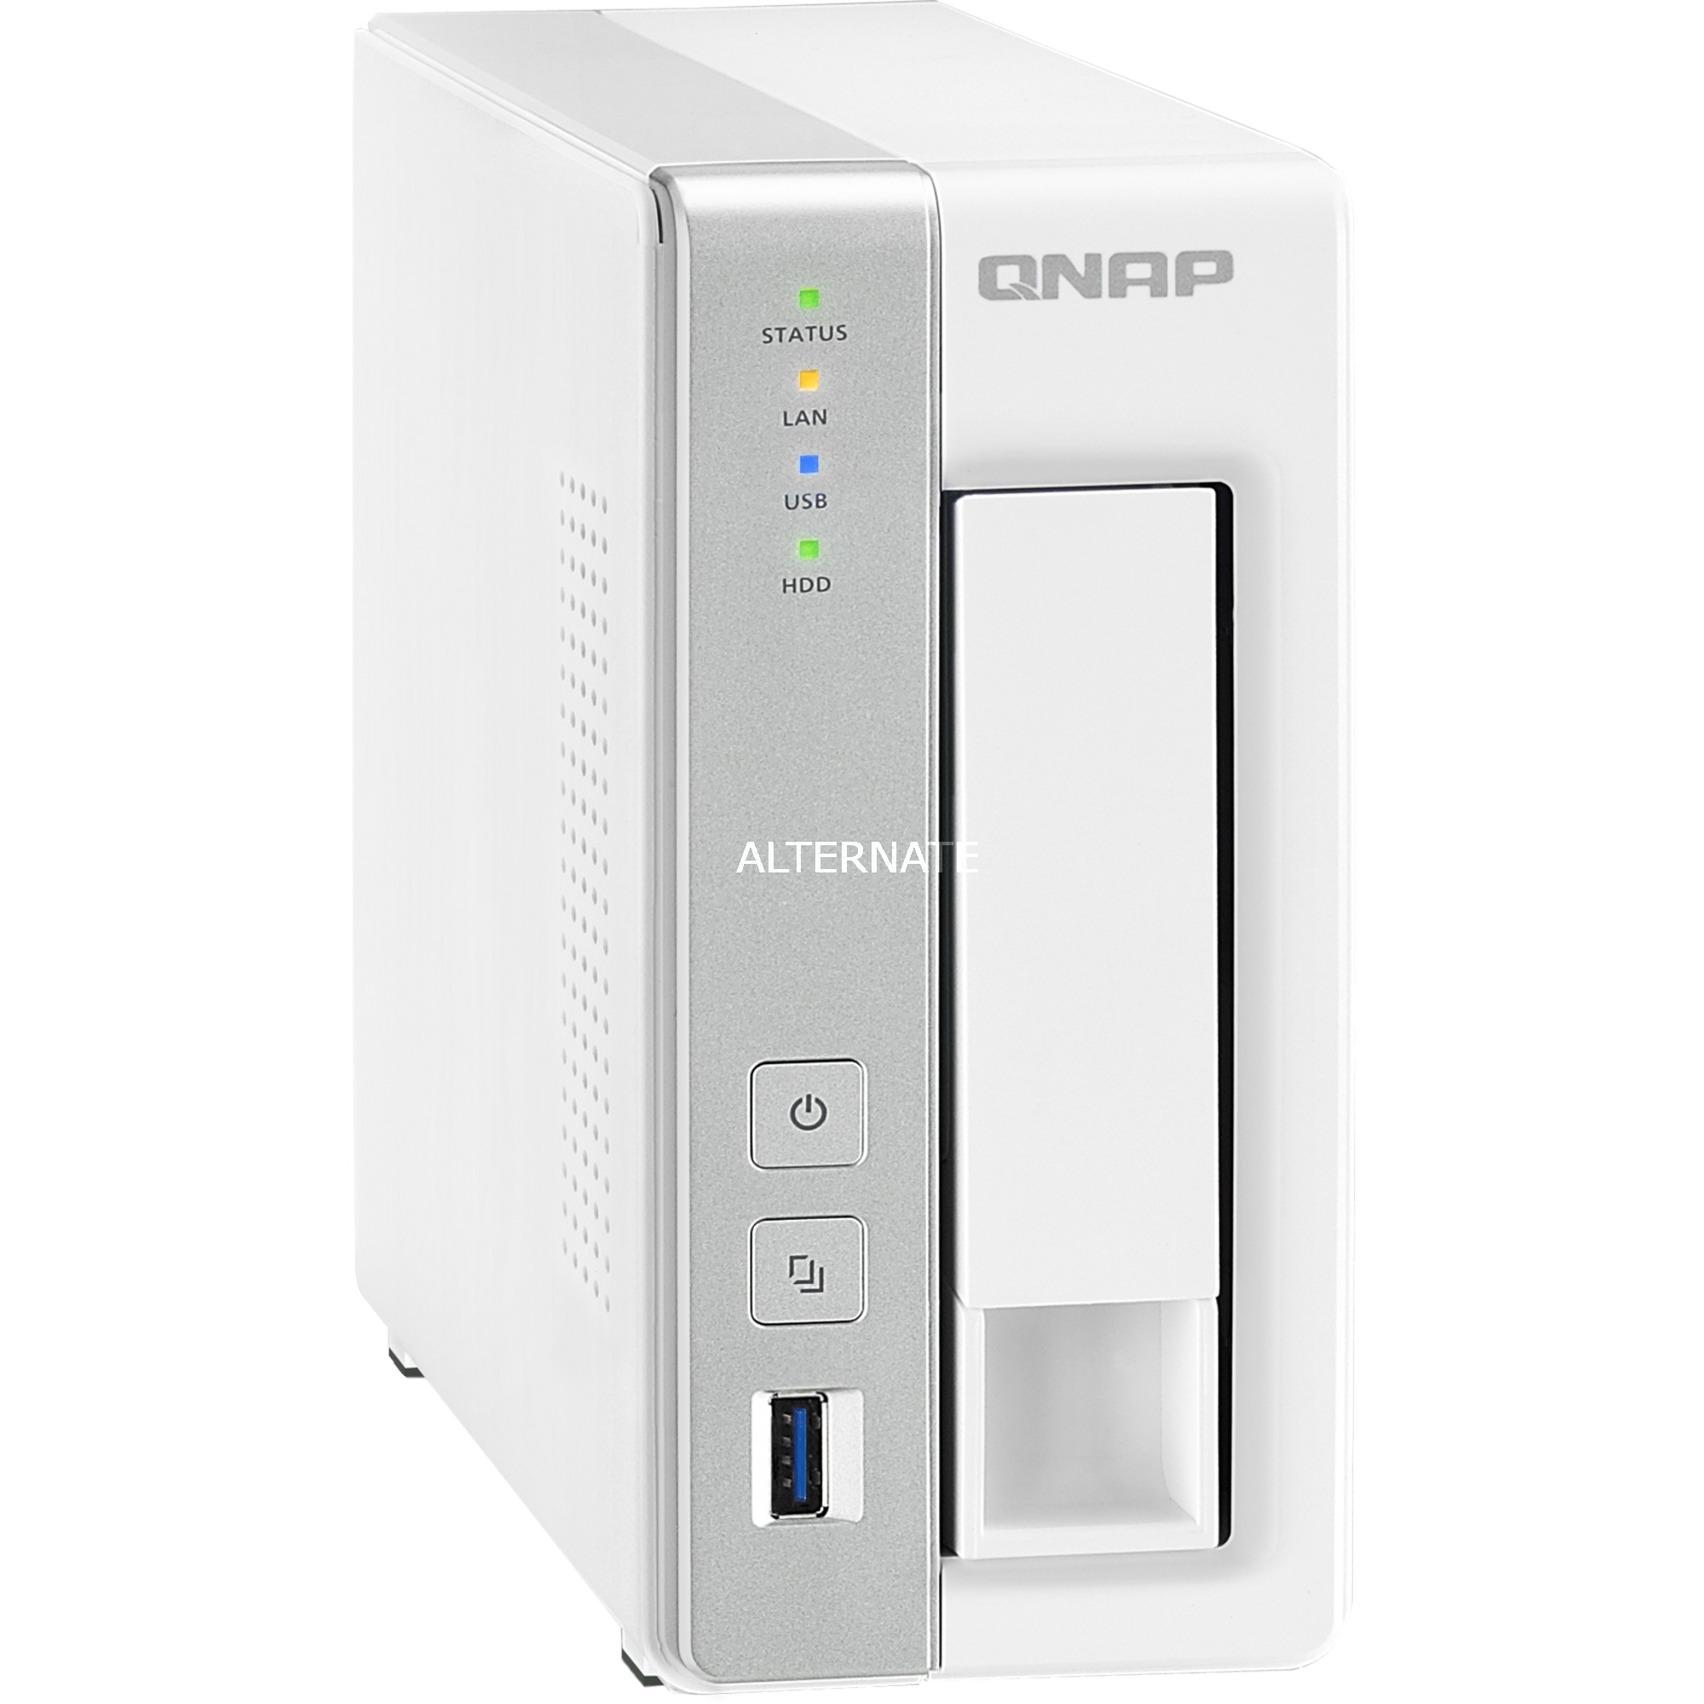 TS-131P NAS Torre Ethernet Blanco servidor de almacenamiento